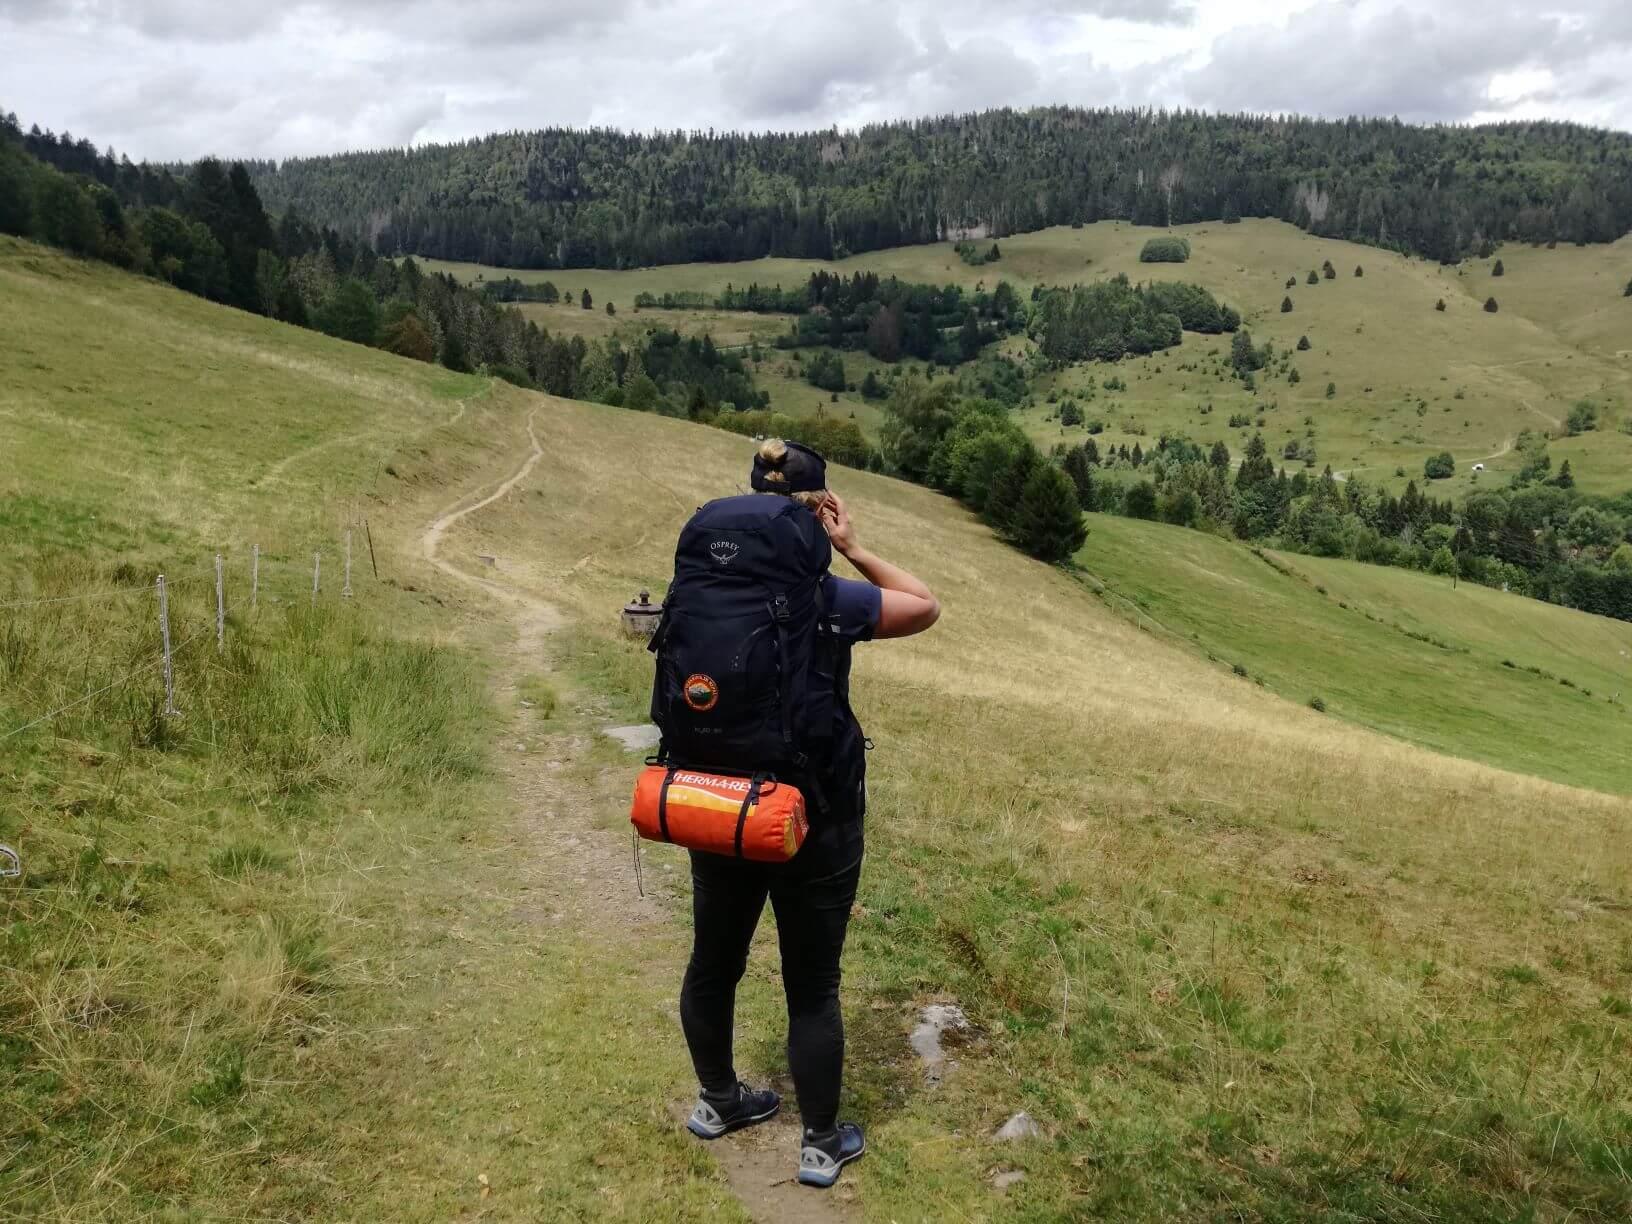 Trekkingkurs Teilnehmer genießt Aussicht im Südschwarzwald